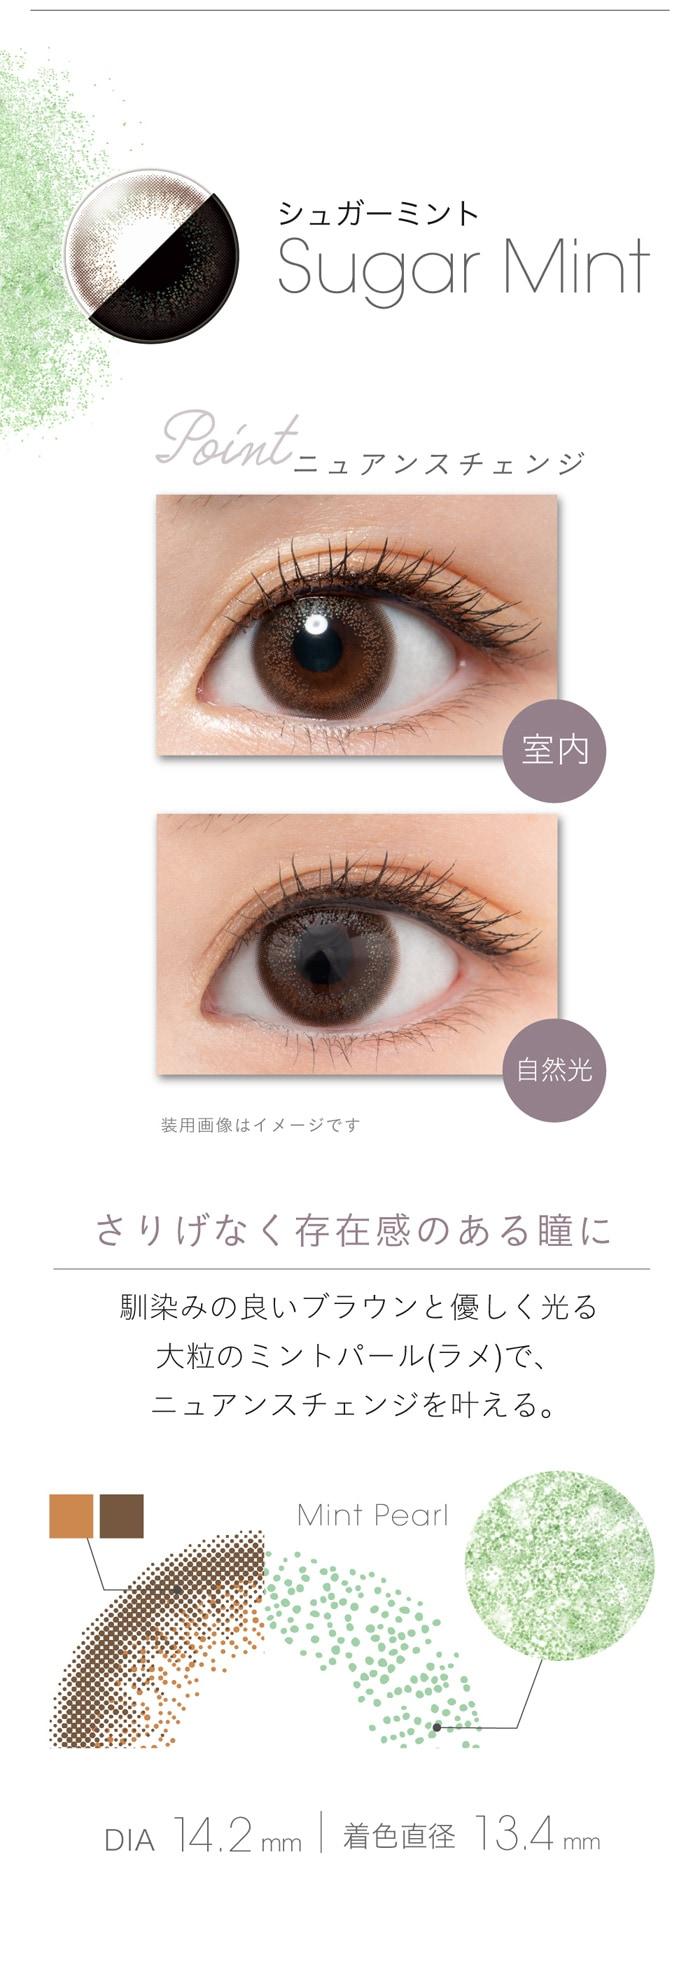 フェアリーワンデーシマーリング(10枚入):シュガーミント さりげなく存在感のある瞳に